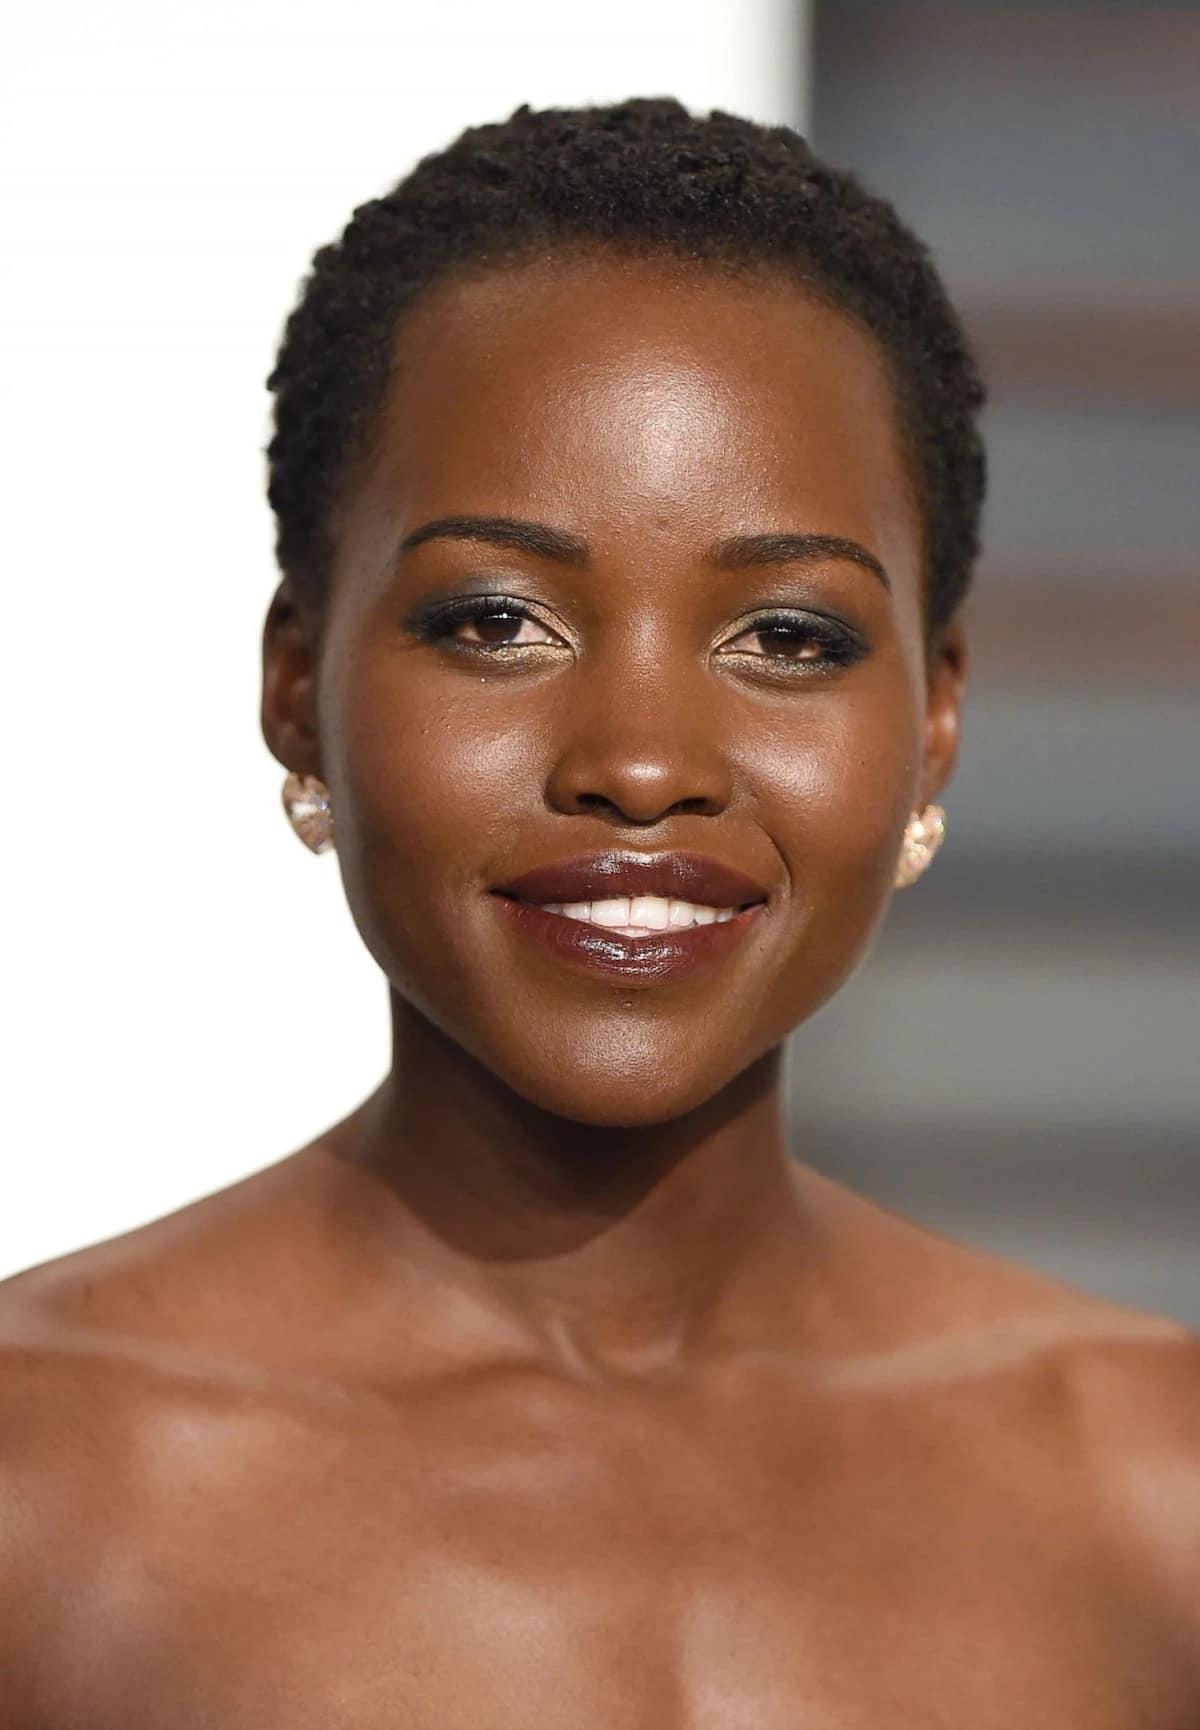 Kenyan hairstyles for short hair ▷ Tuko co ke